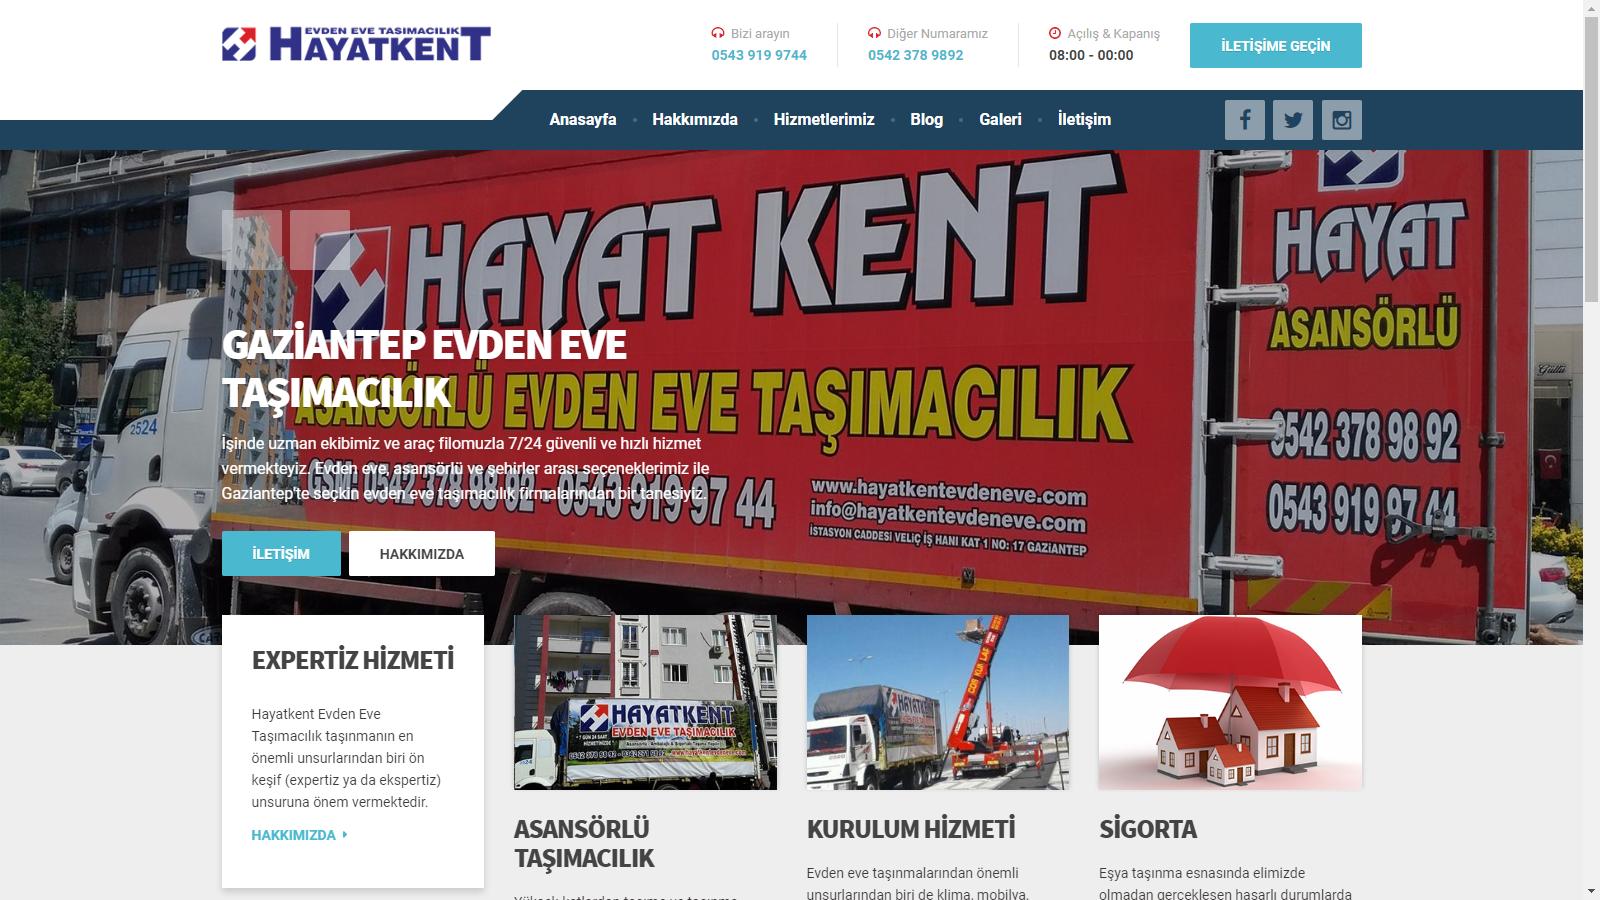 Hayatkent evden eve taşımacılık website